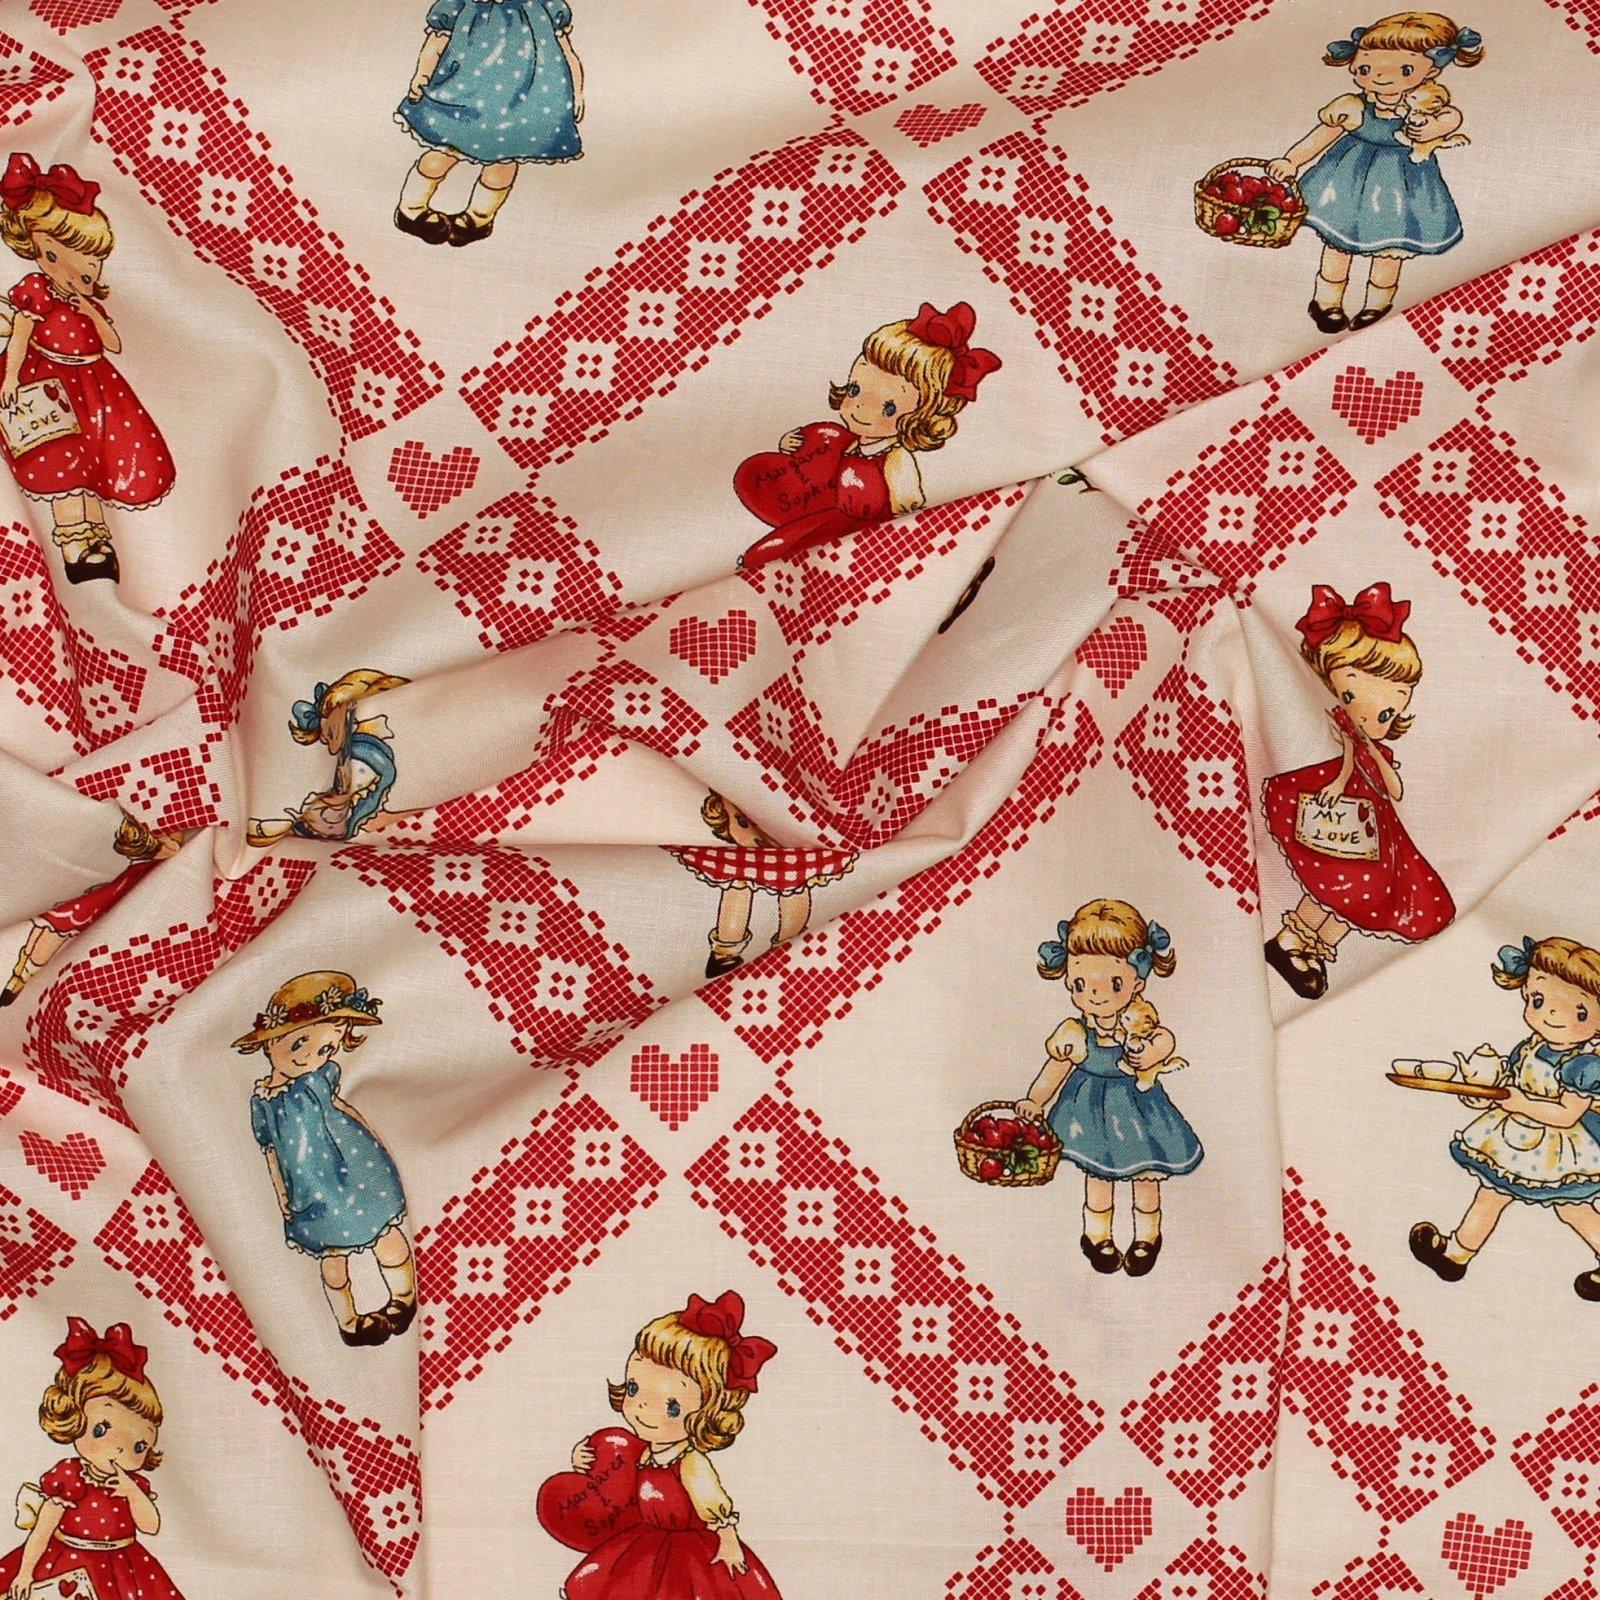 Margaret/Sophie Vintage Tiles - Japanese Cotton - Quilt Gate